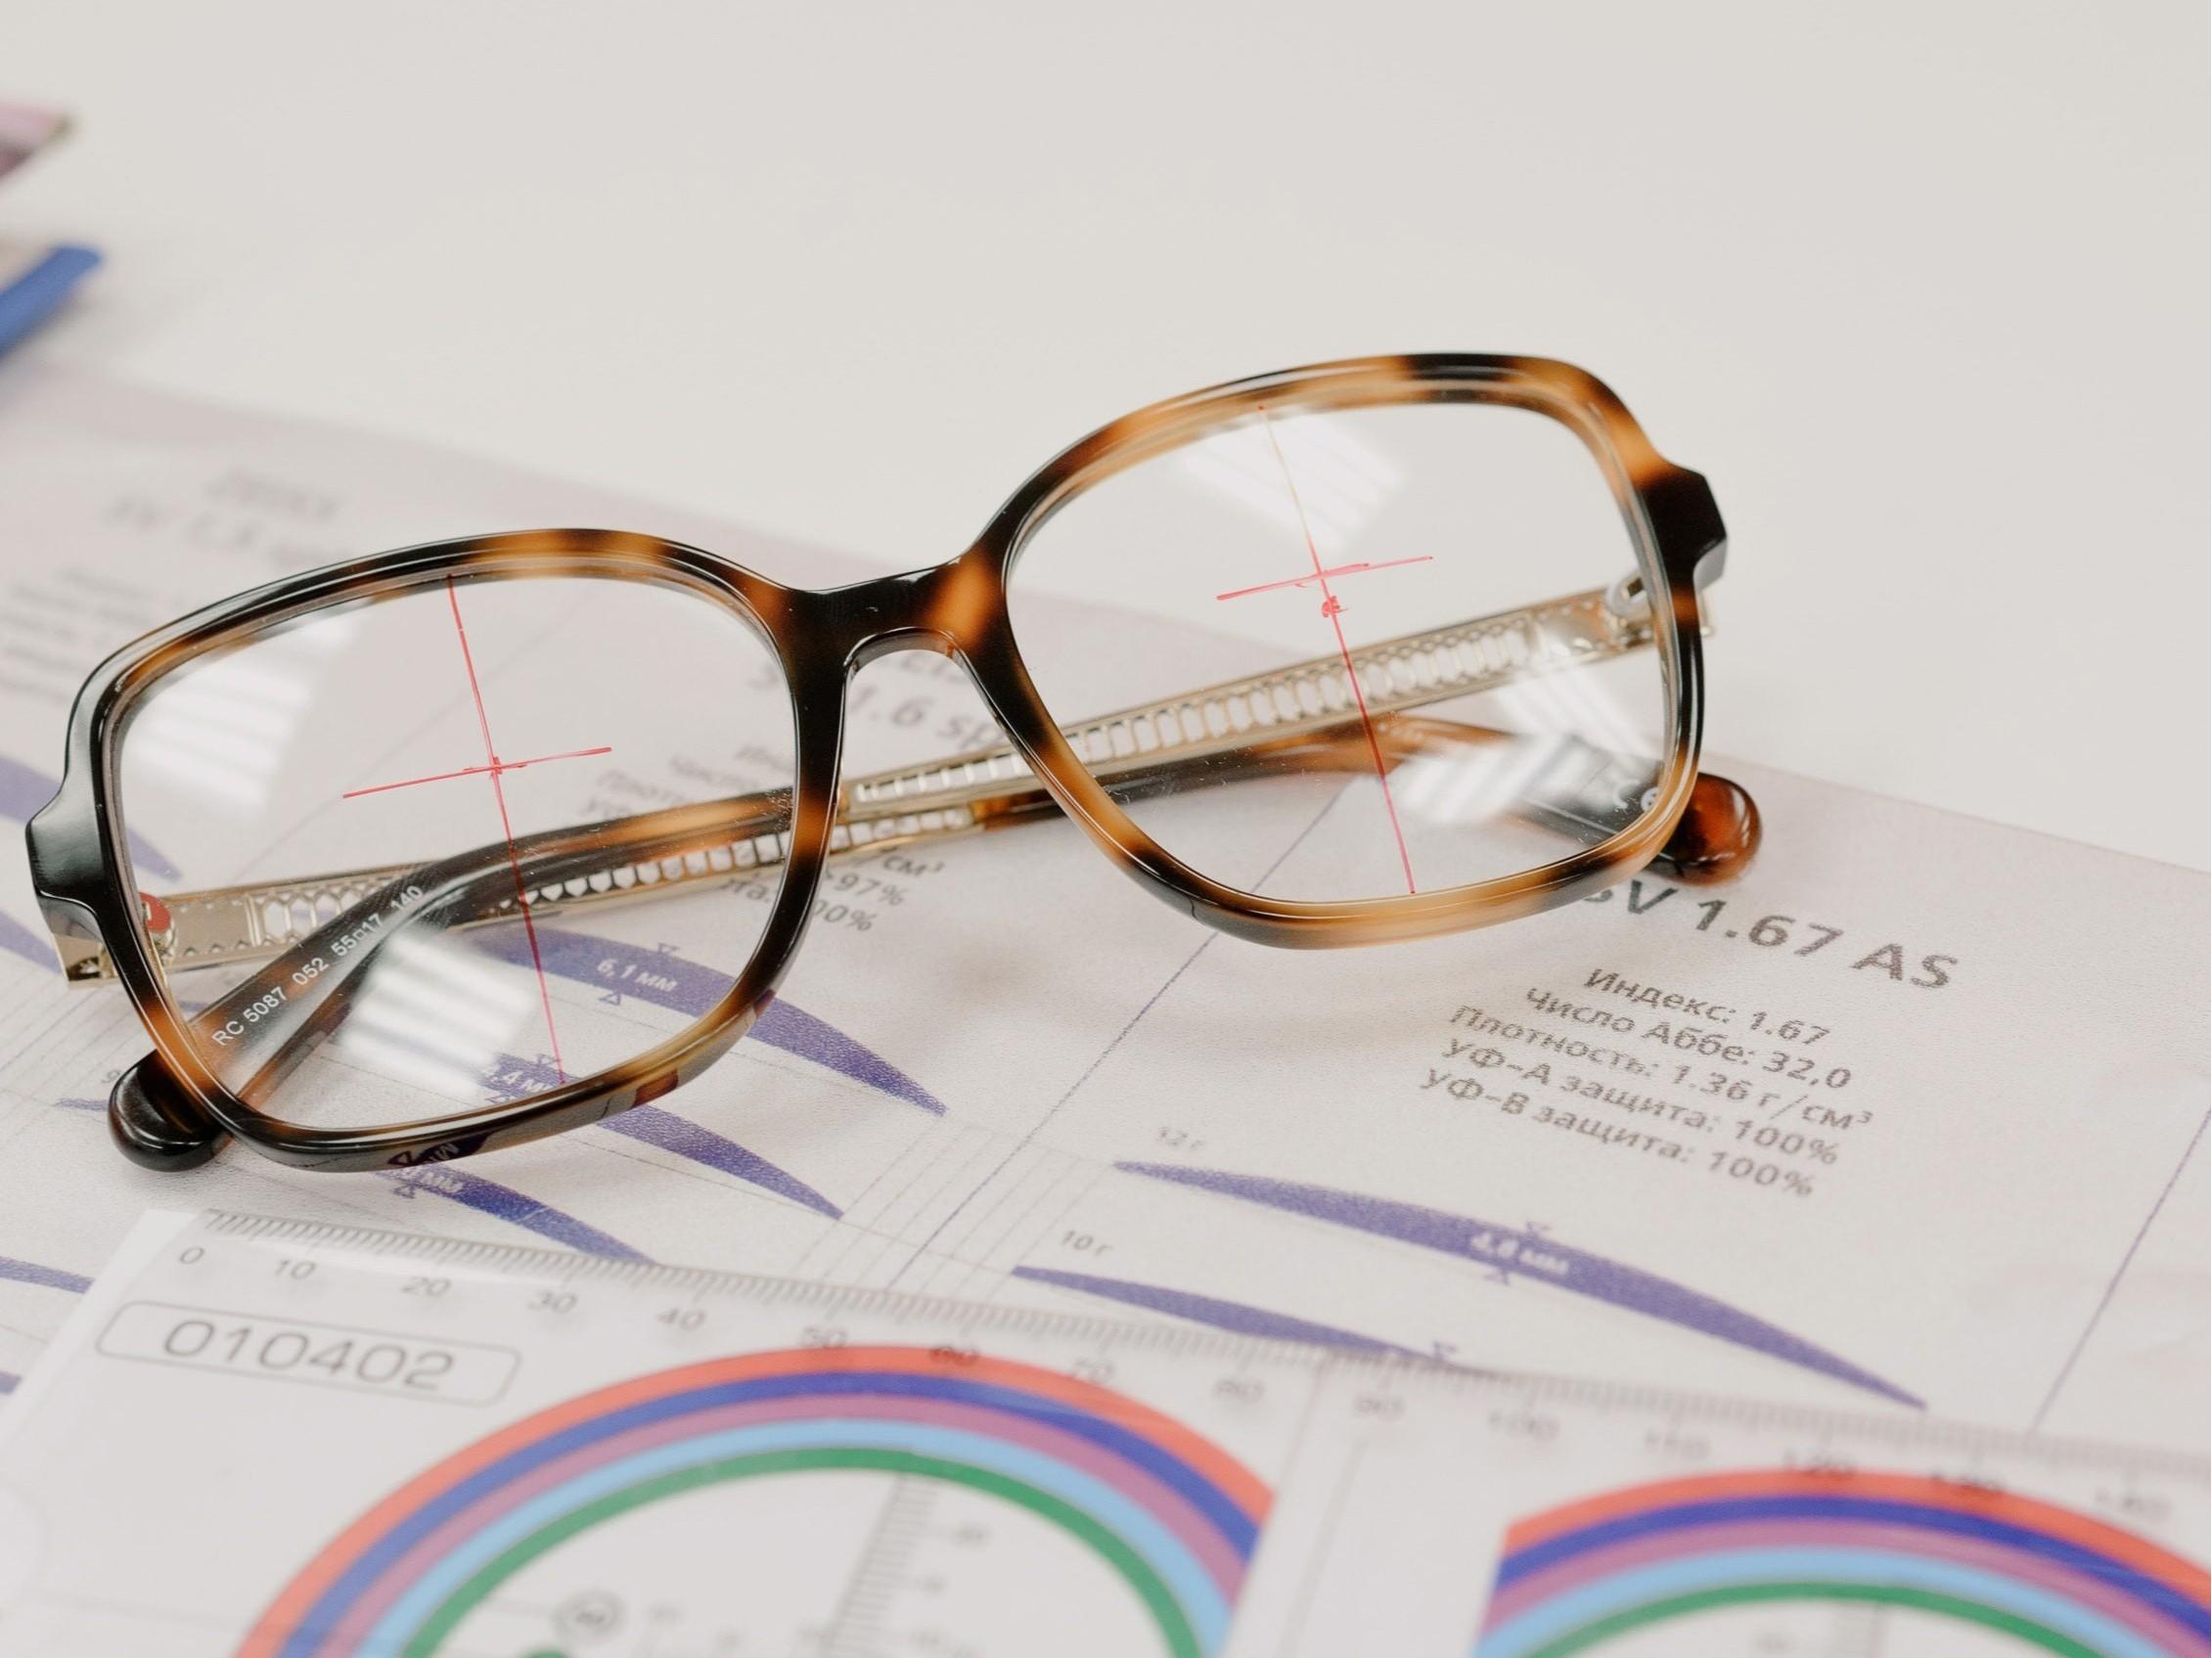 佩戴隐形眼镜与框架眼镜哪个会好点?